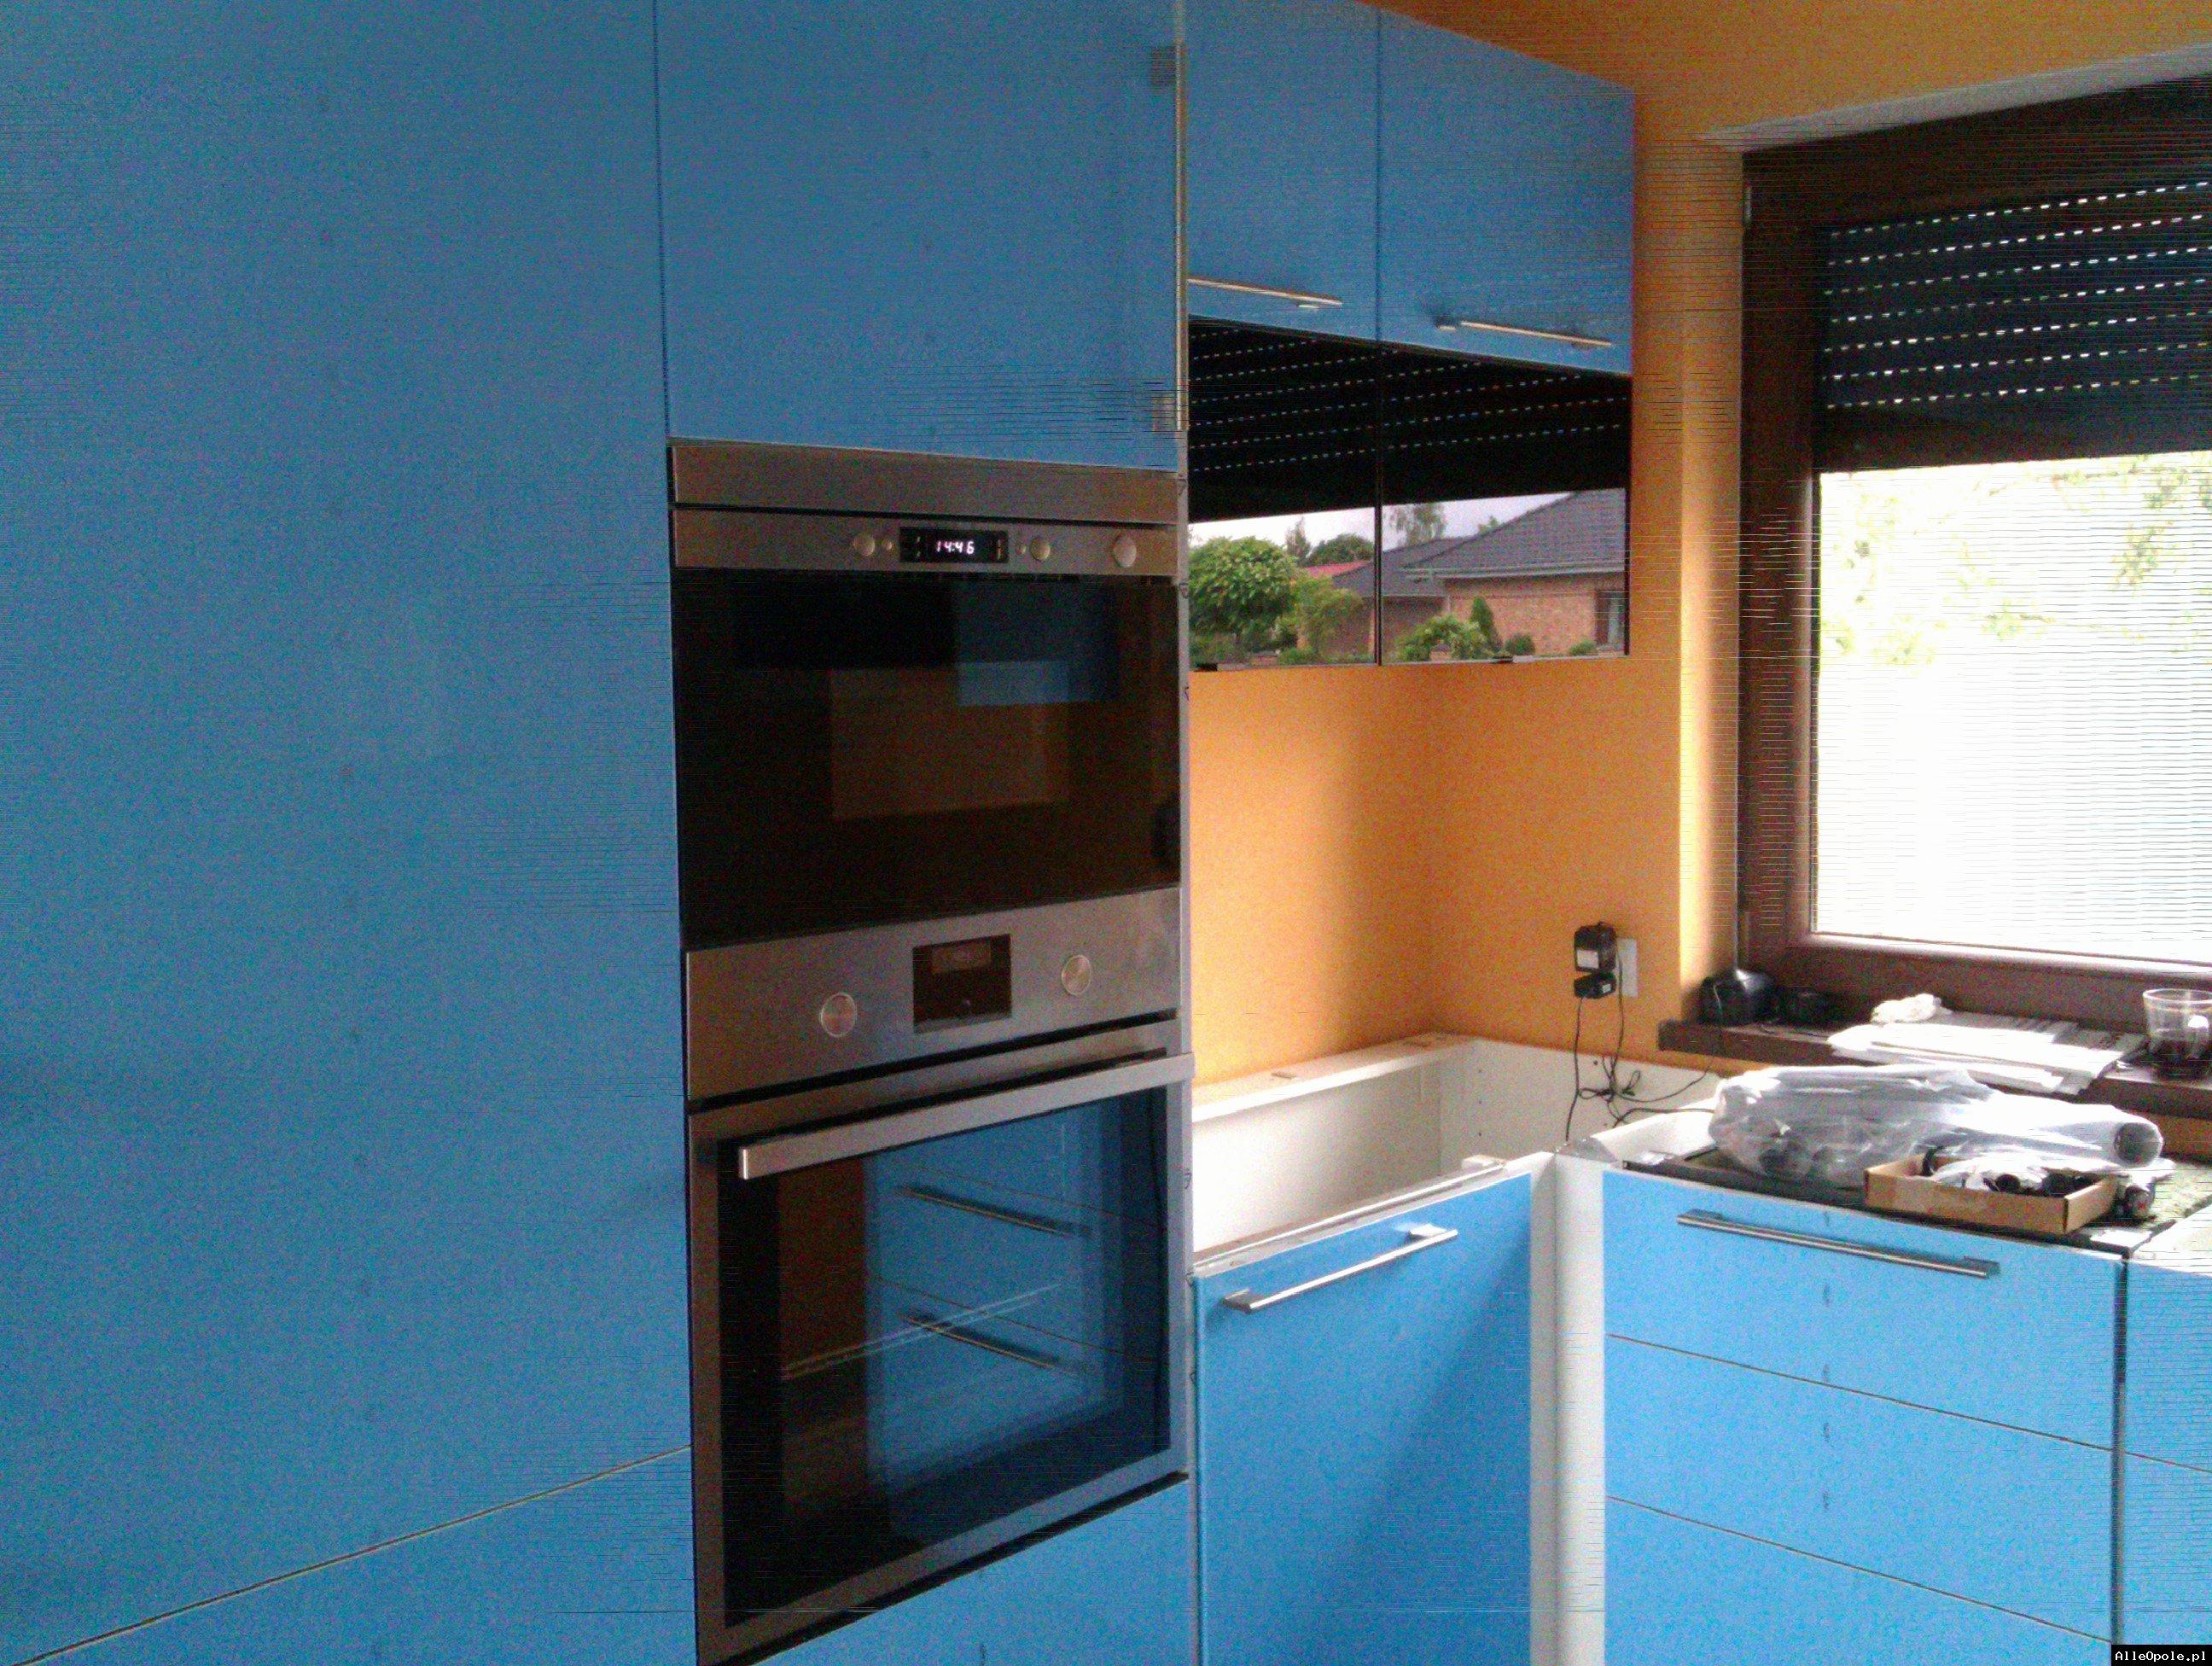 Montaż mebli kuchennych,pokojowych,biurowych,podłączanie płyt indukcyjnych,ceramicznych,AGD.